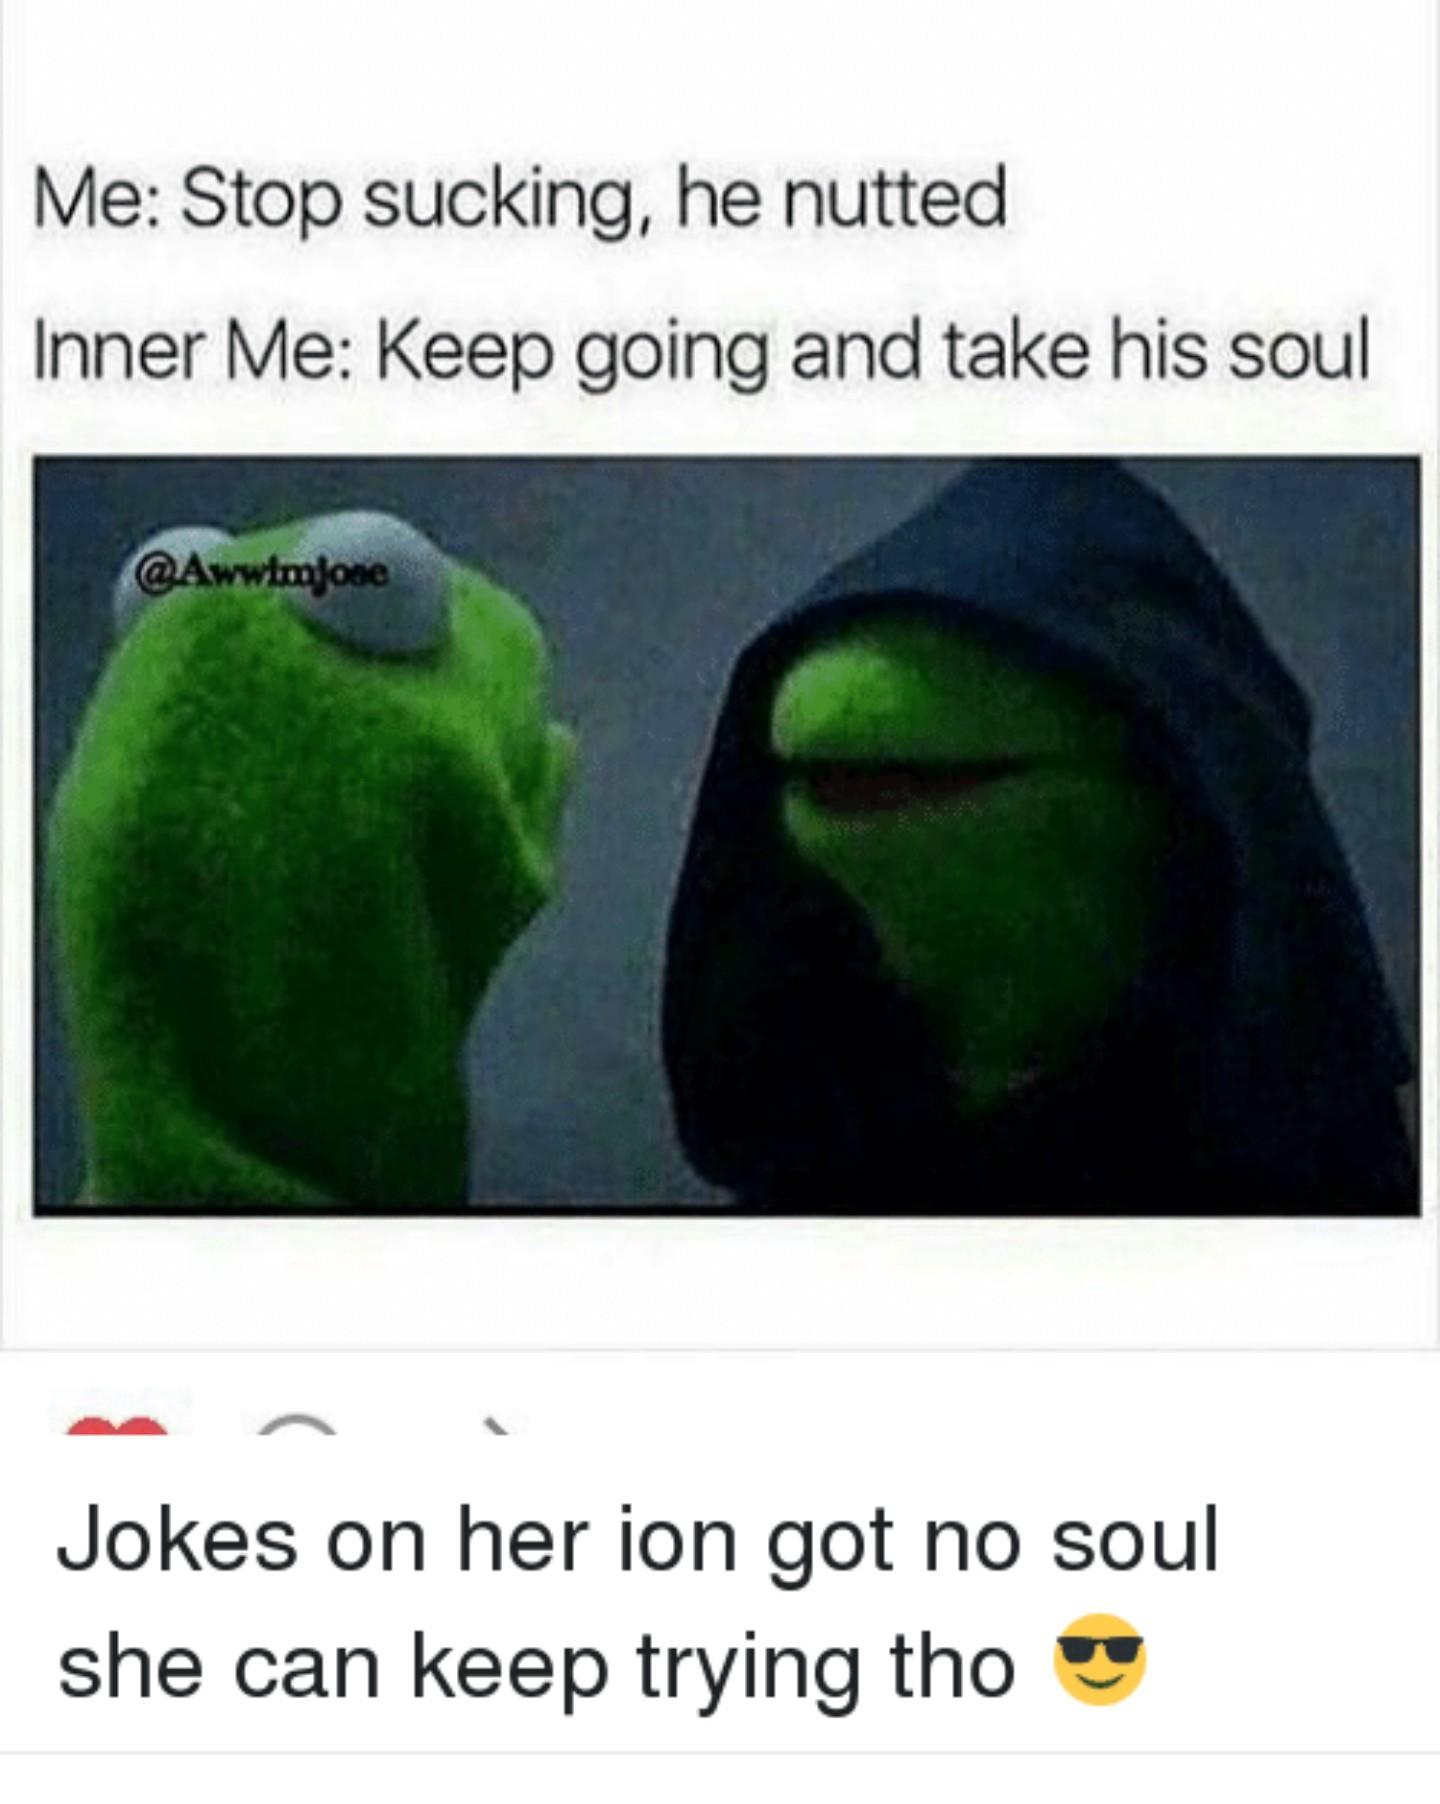 Ill be having a seizure if she kept going - meme